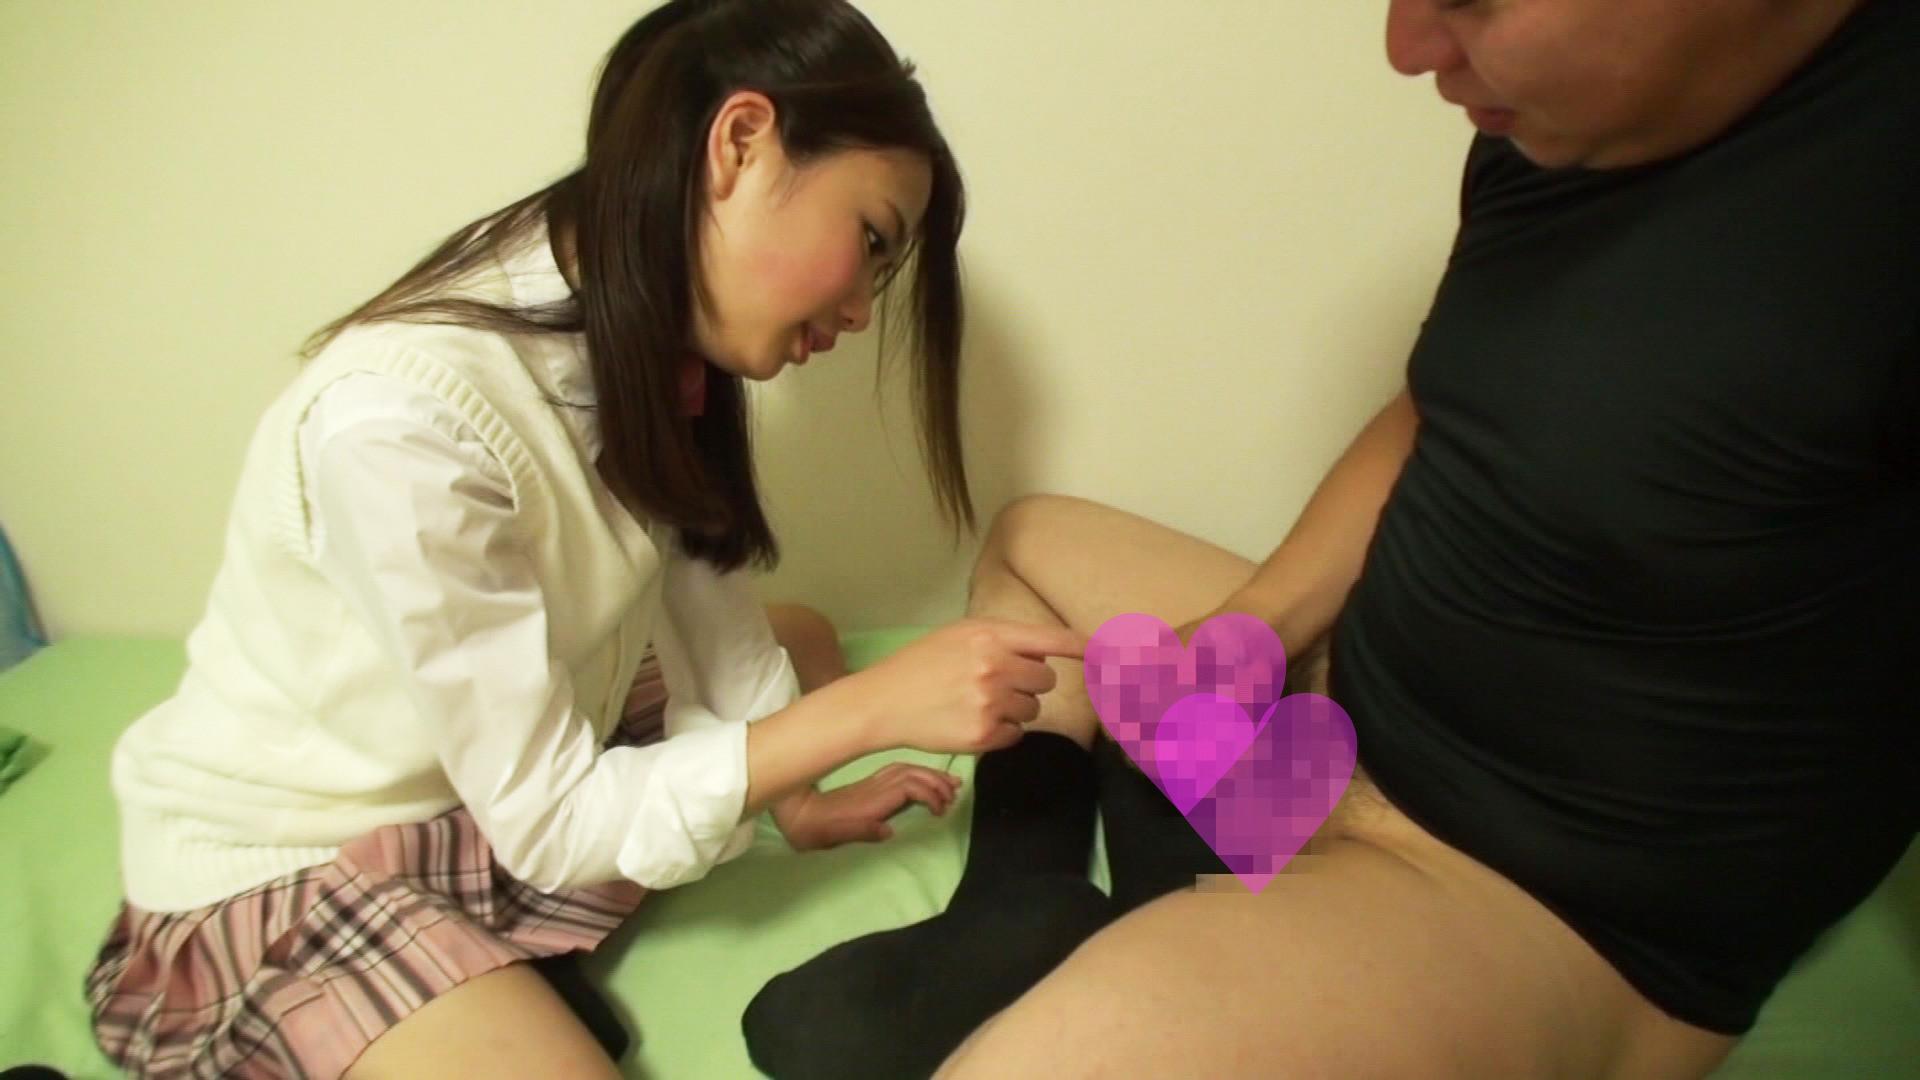 うちにきた可愛い子に女子校生コスプレさせたら興奮したんでそのままエッチしちゃいましたっ!